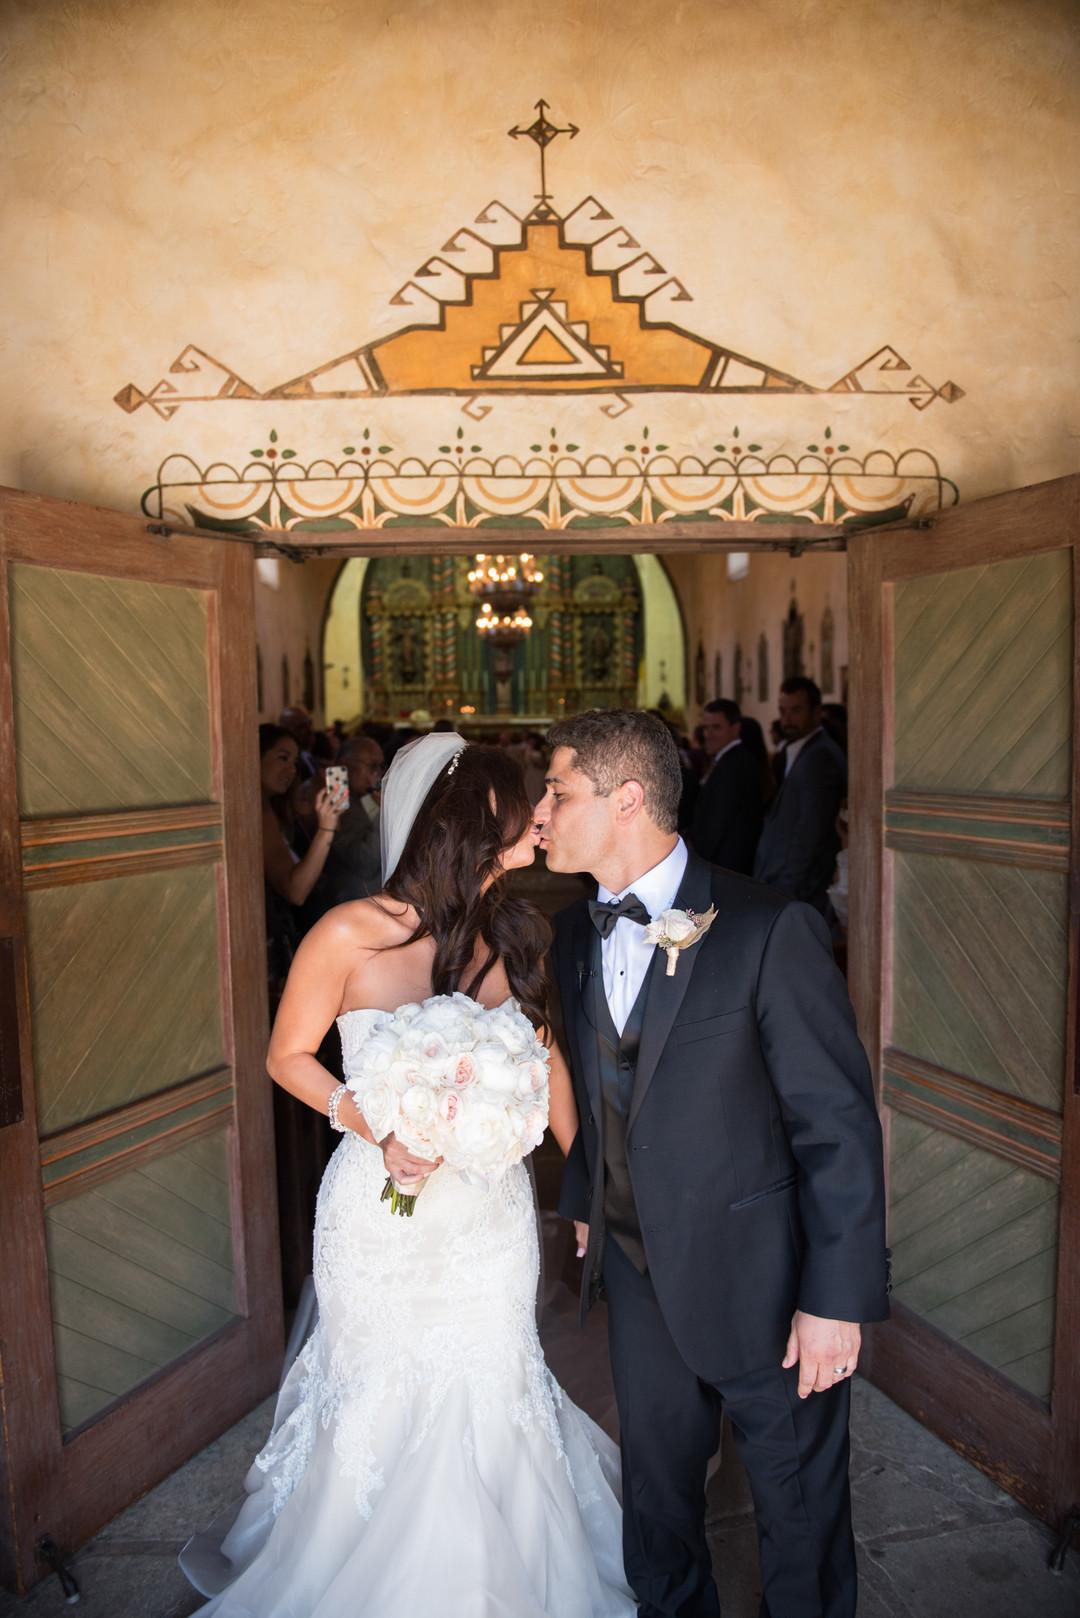 www.santabarbarawedding.com   The Big Affair   Our Lady of Mount Carmel   Asiel Designs   Bride and Groom